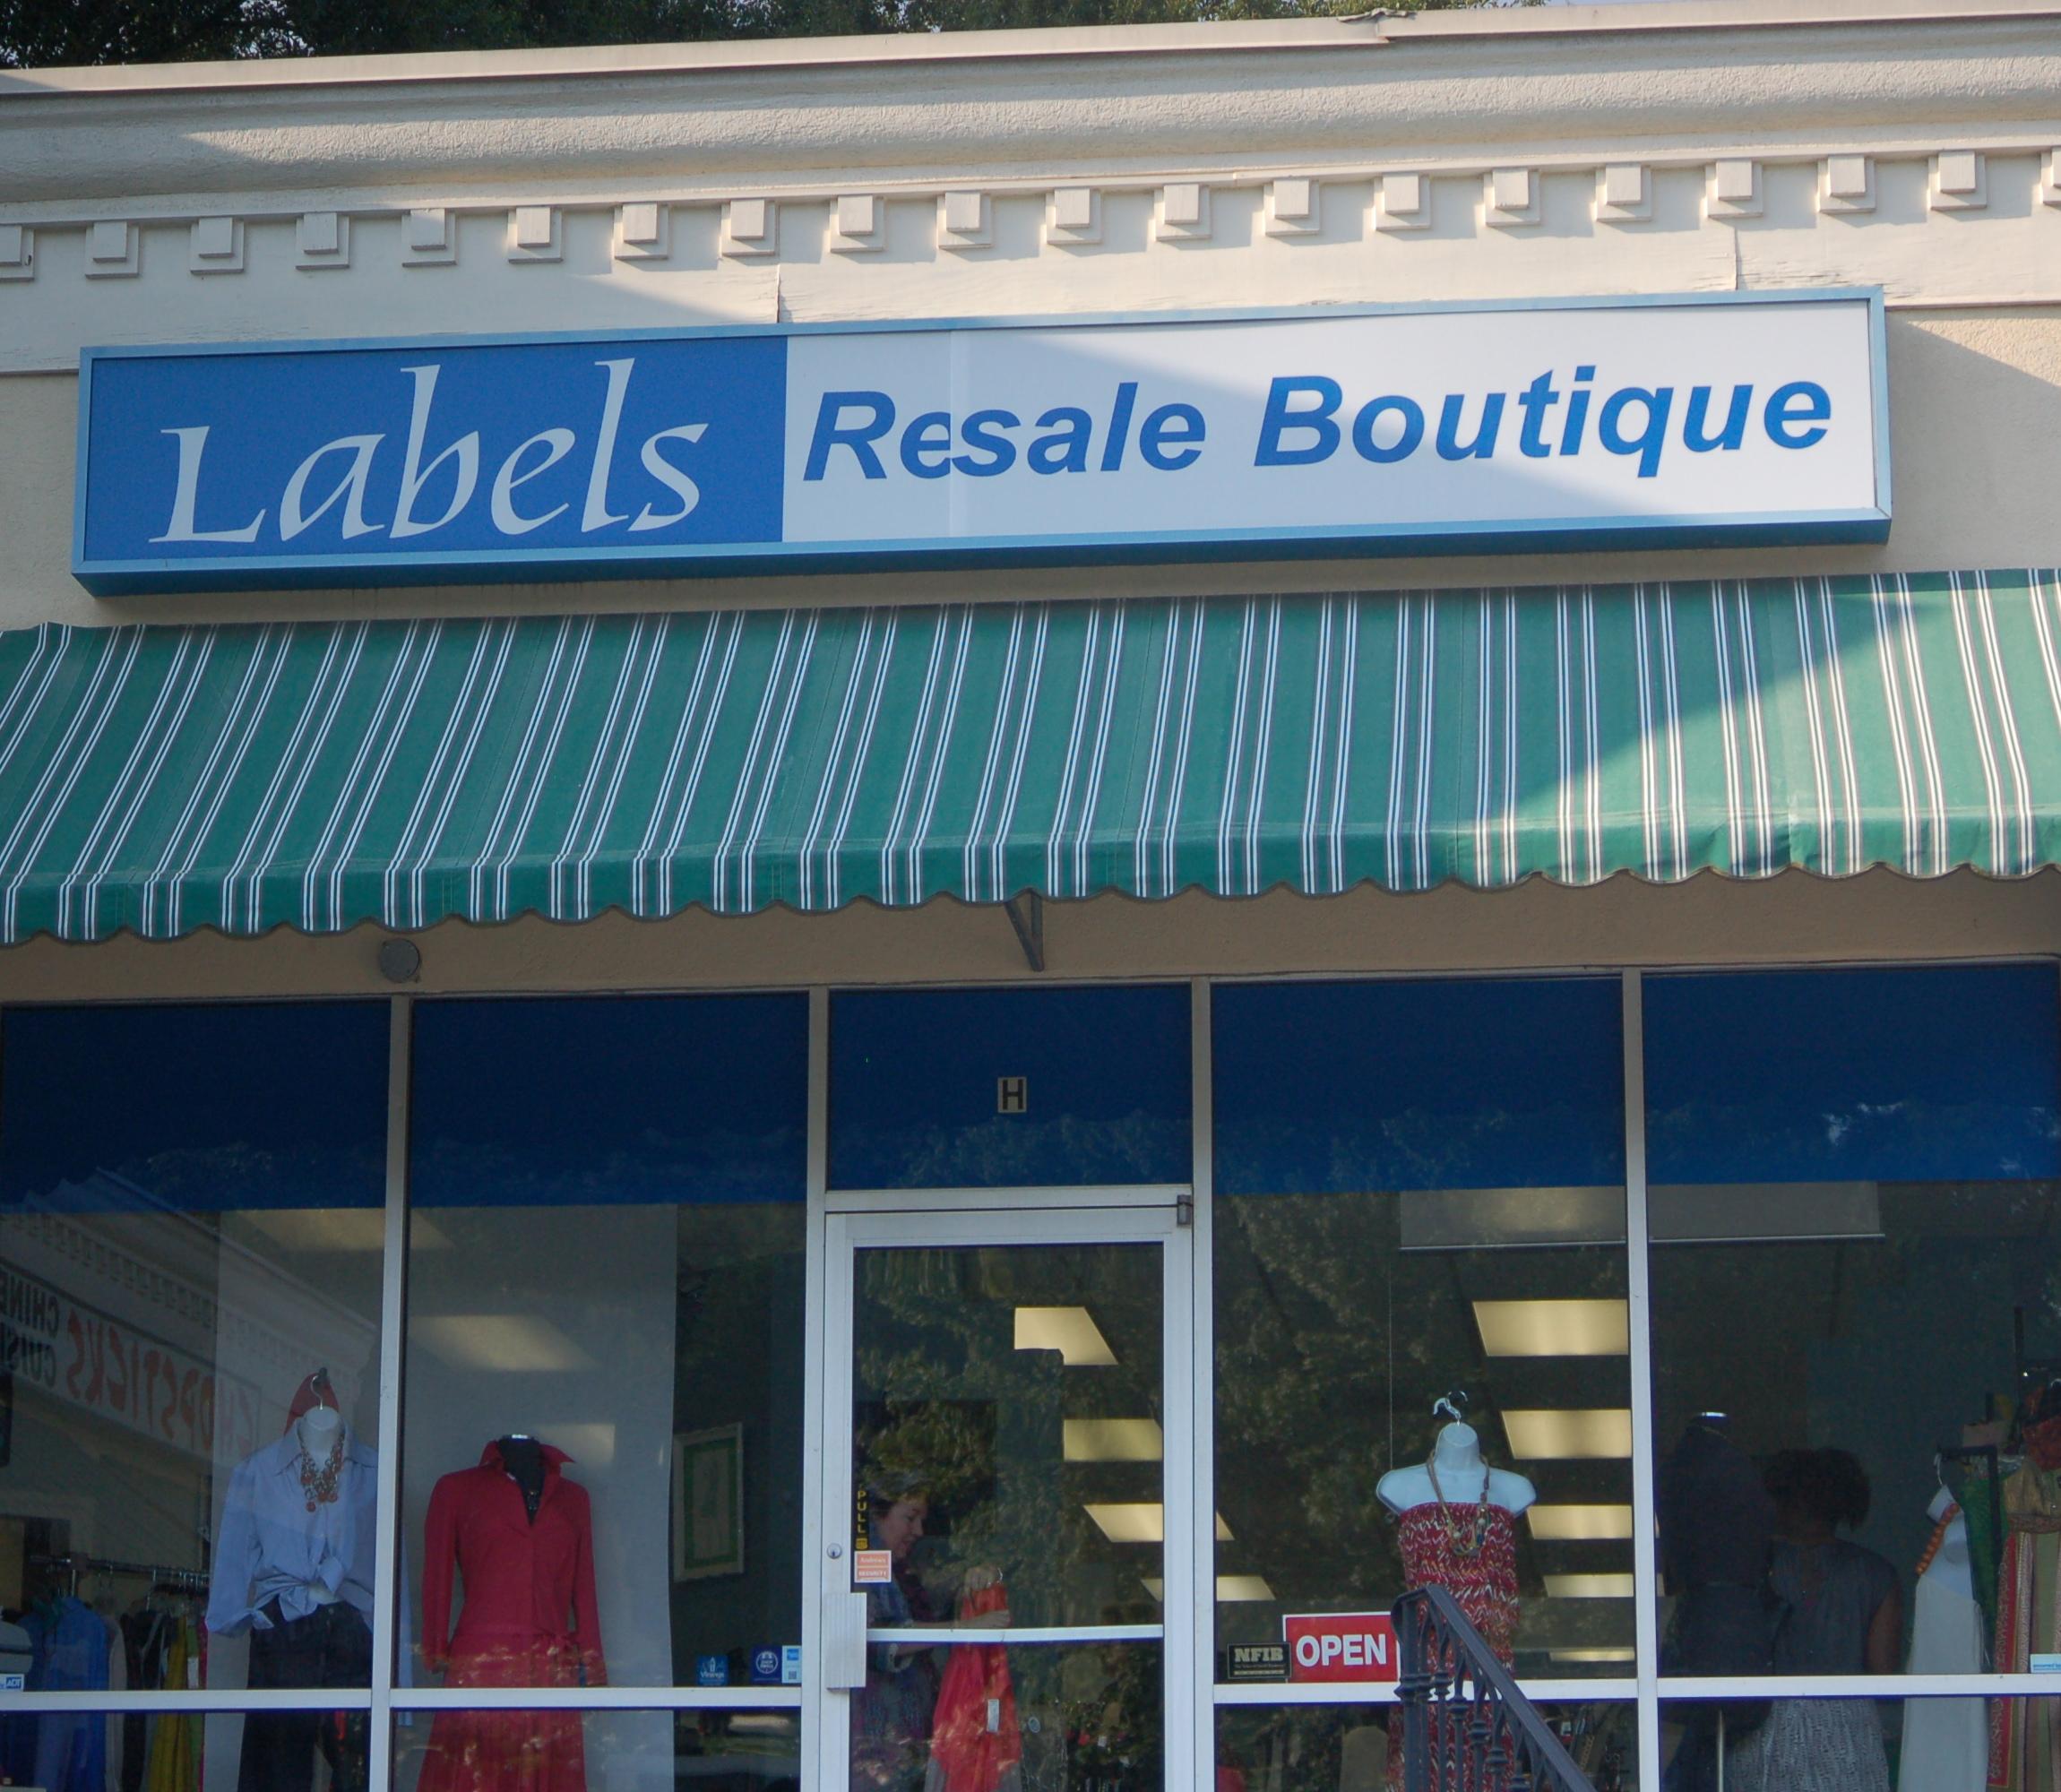 Labels Resale Boutique (Part II)